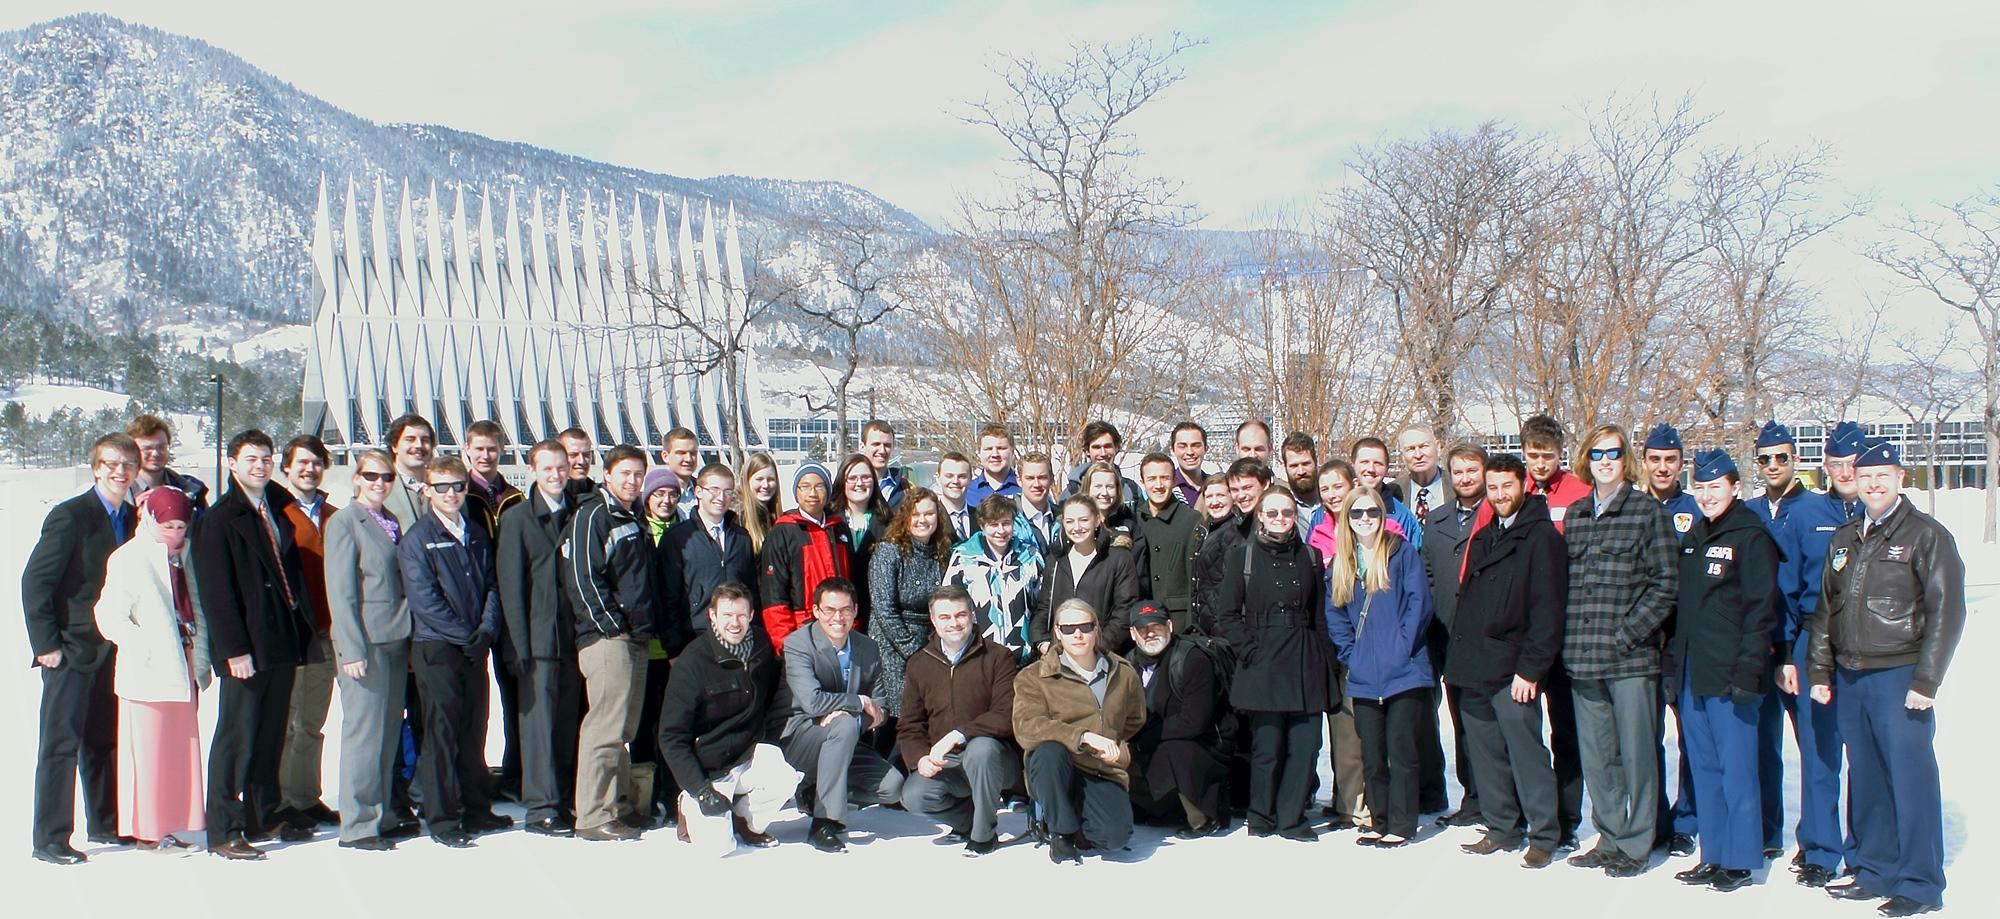 District 12 Conference, Colorado